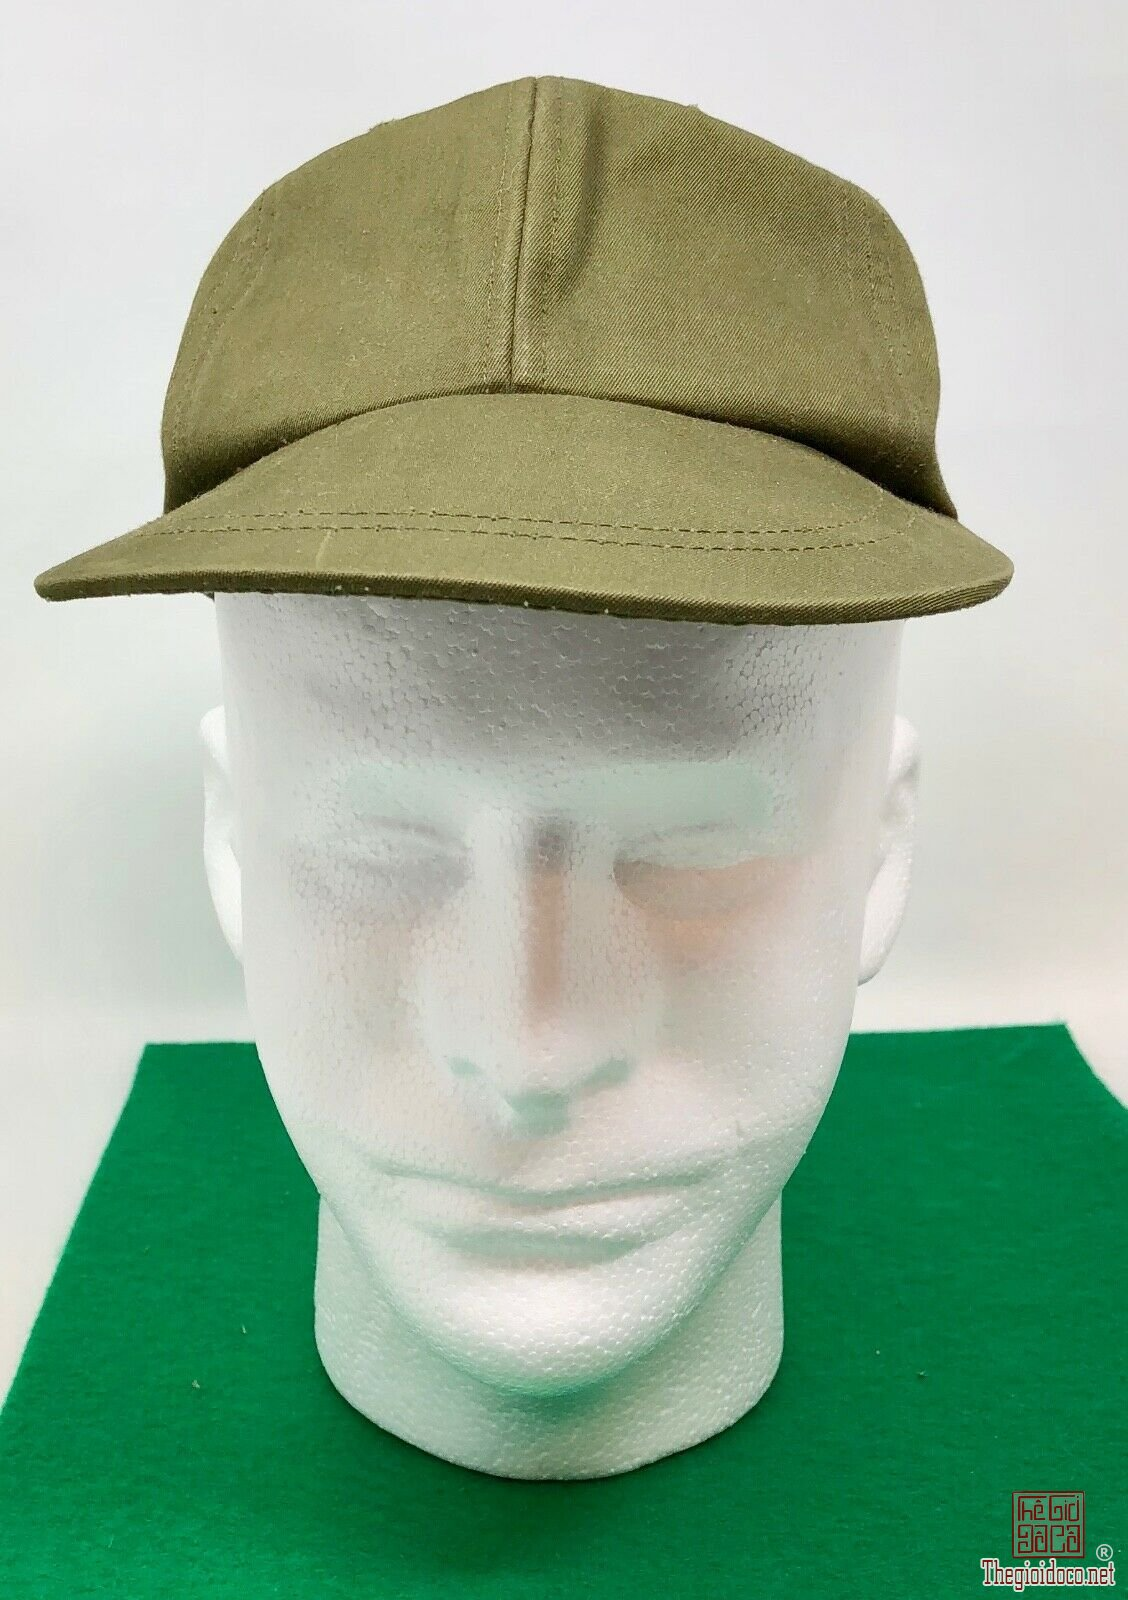 mũ 6 múi USA hàng xưa, giá tốt cho a e chơi đồ lính.